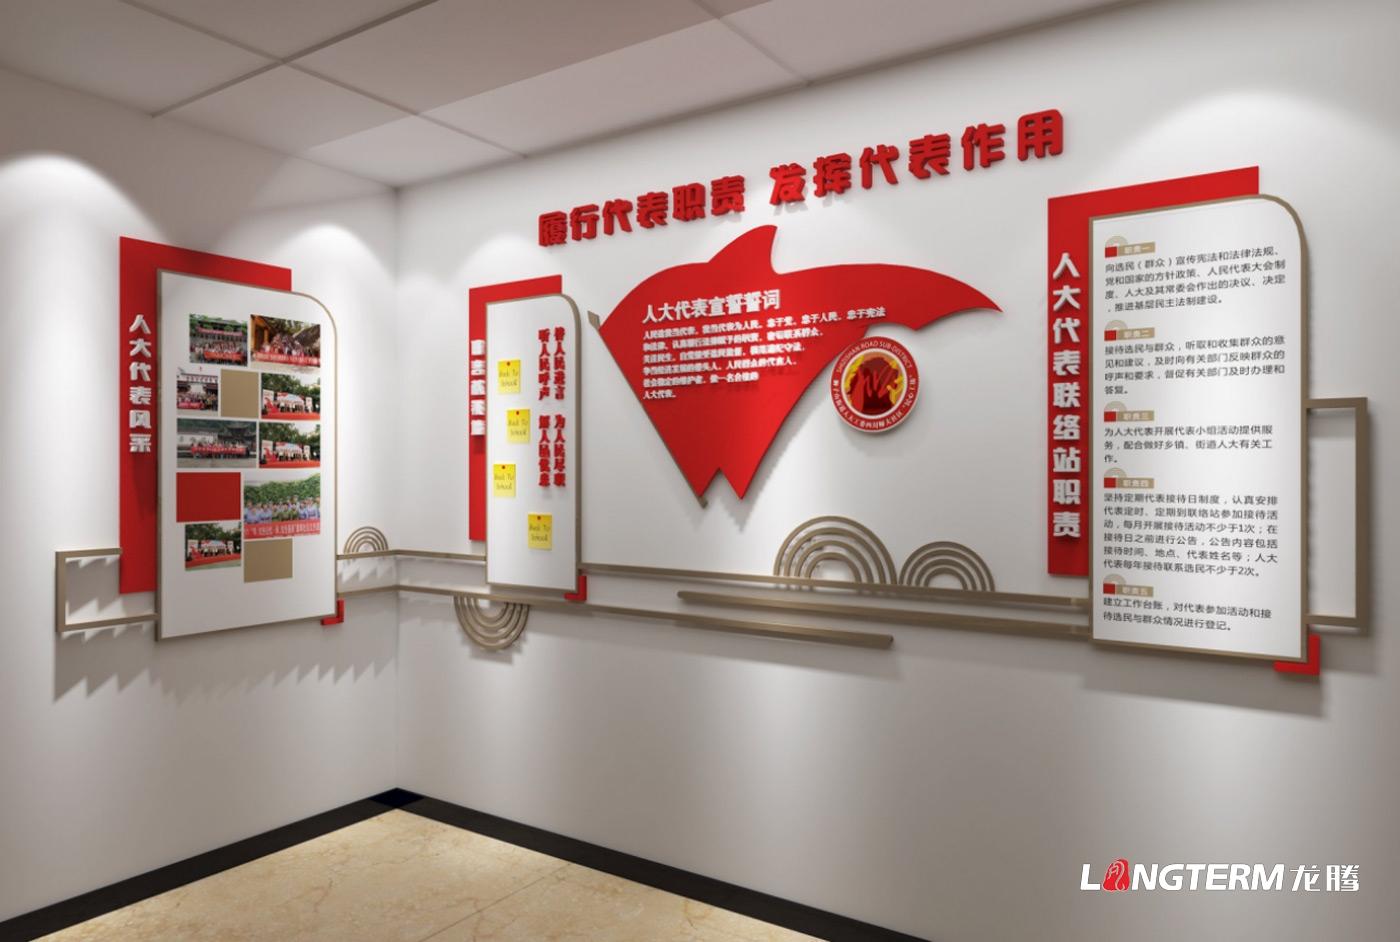 锦江区狮子山街道办事处党建文化墙设计